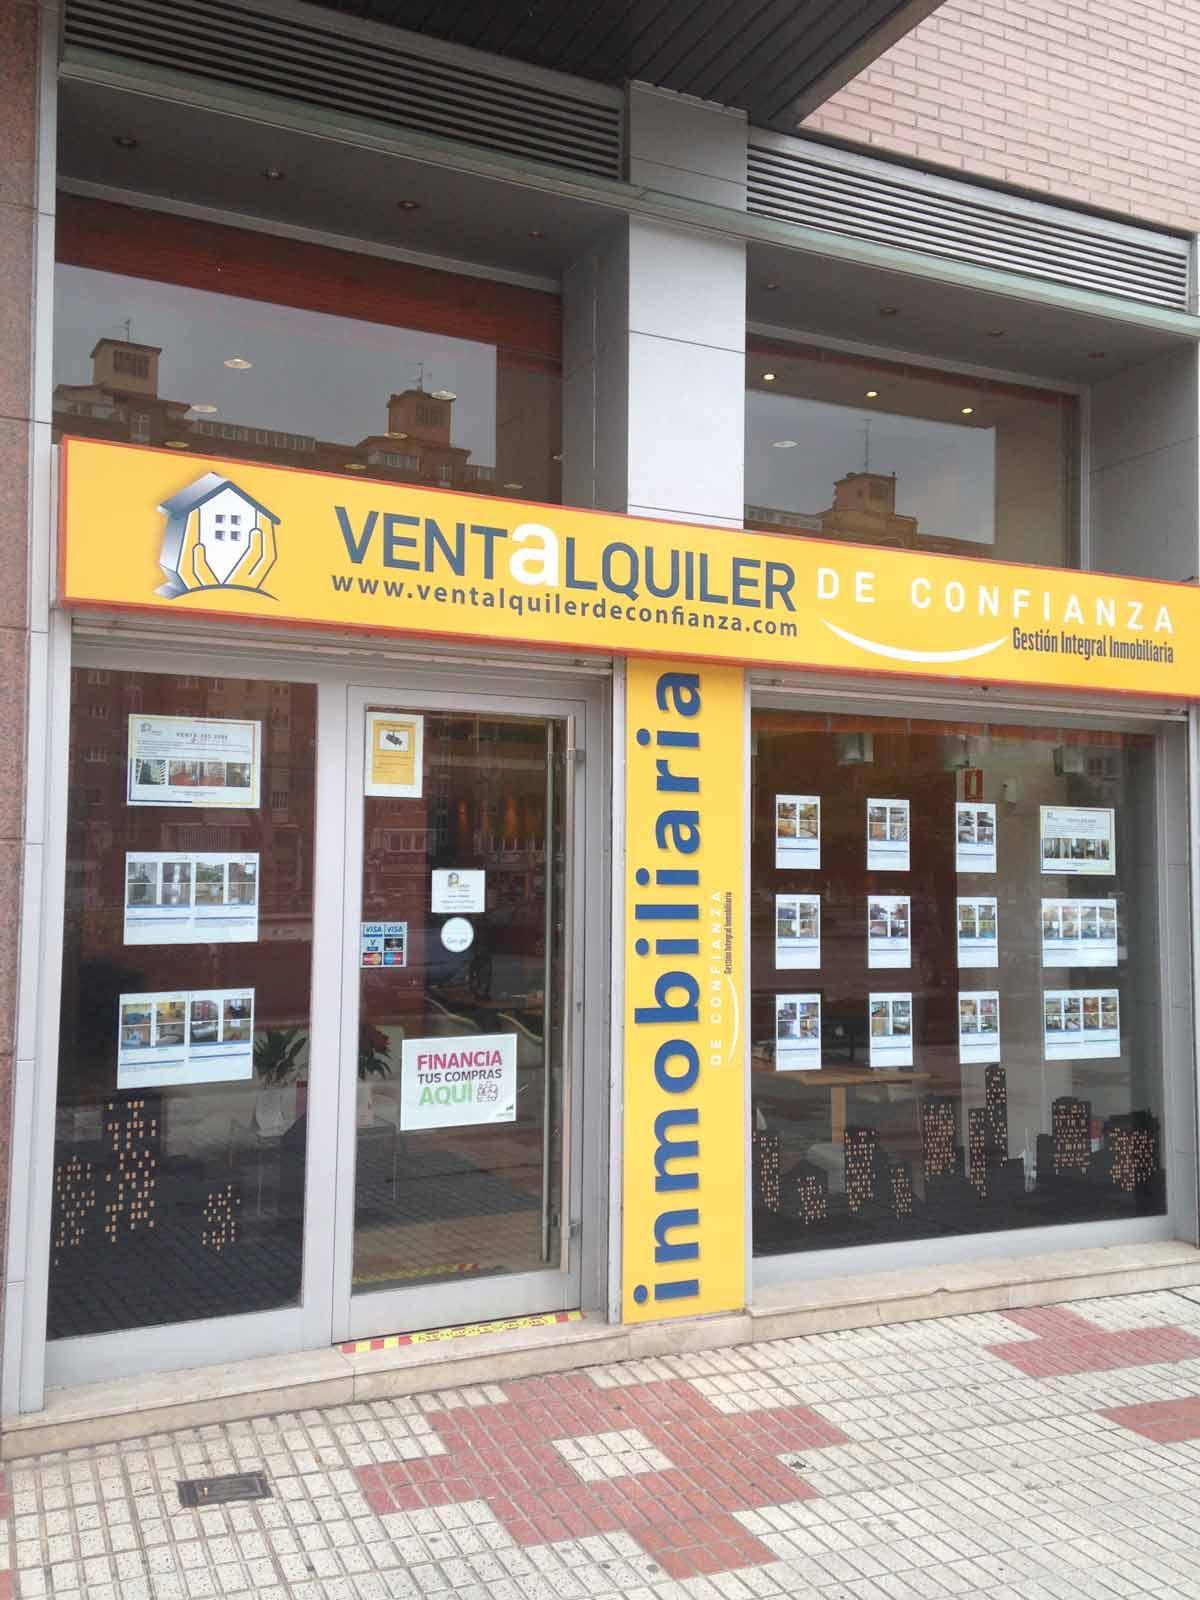 Mls nacional agrupacion de inmobiliarias que comparten propiedades en exclusiva en espa a - Finques can font les franqueses ...